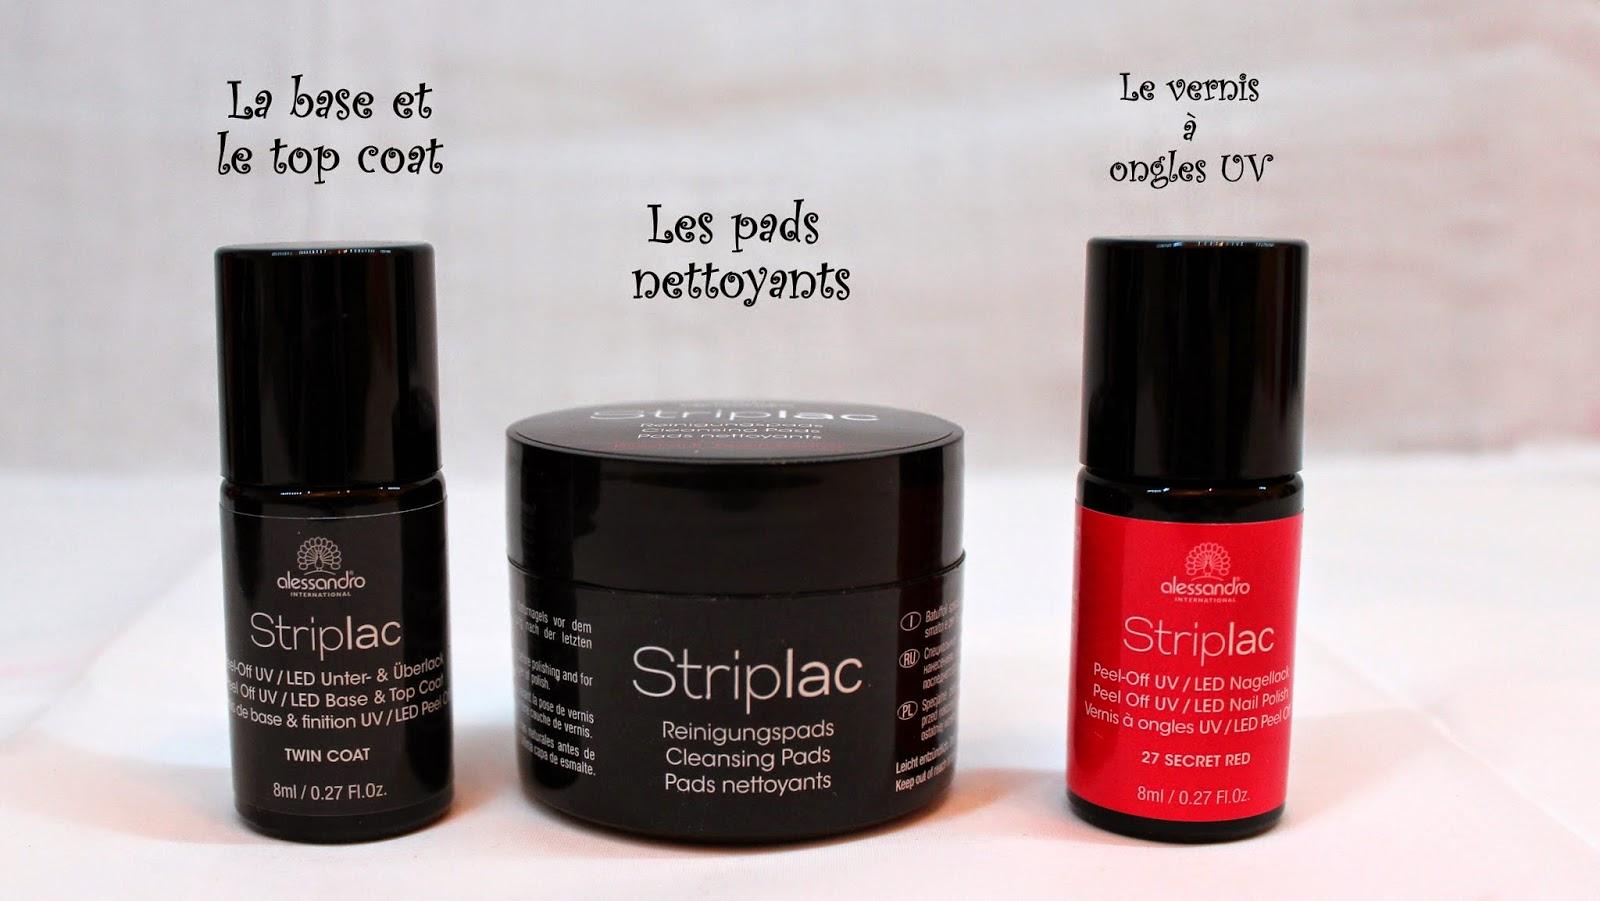 StyleStriplacLe De Beauty Nouveau Kit D'essai Make Up Vernis 8wPkXnO0